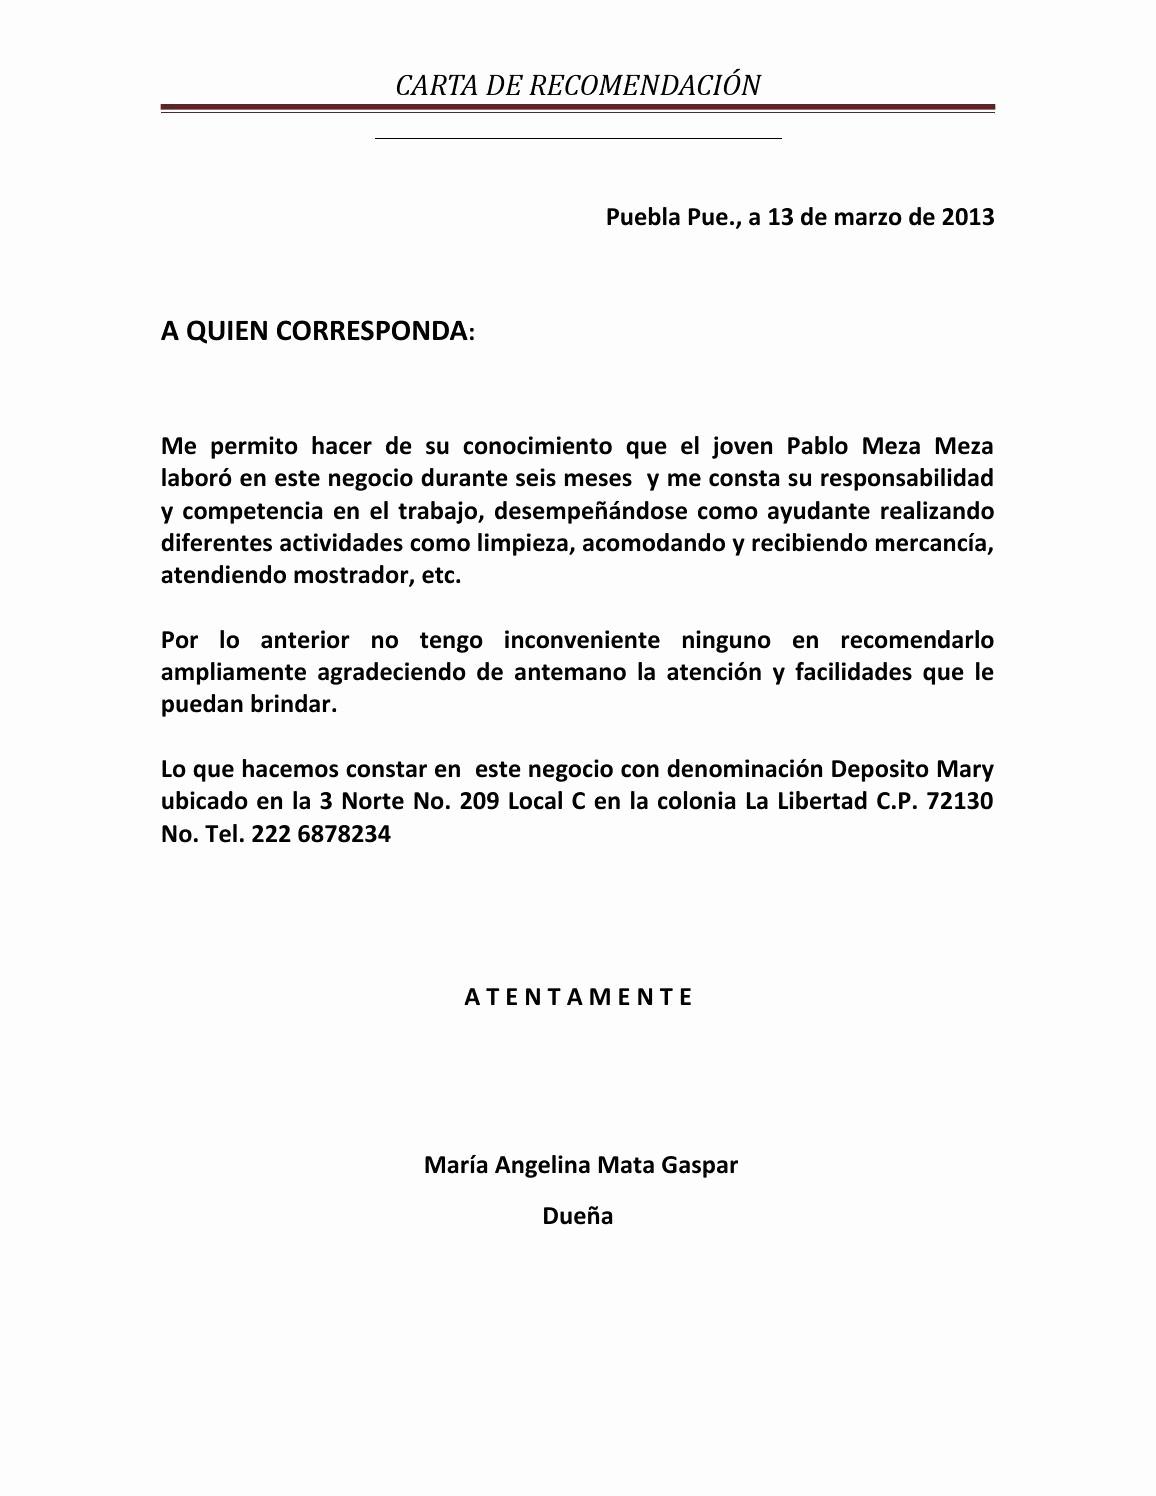 Formatos Carta De Recomendacion Personal Inspirational Carta Re Endacion Pablom by Hilario issuu